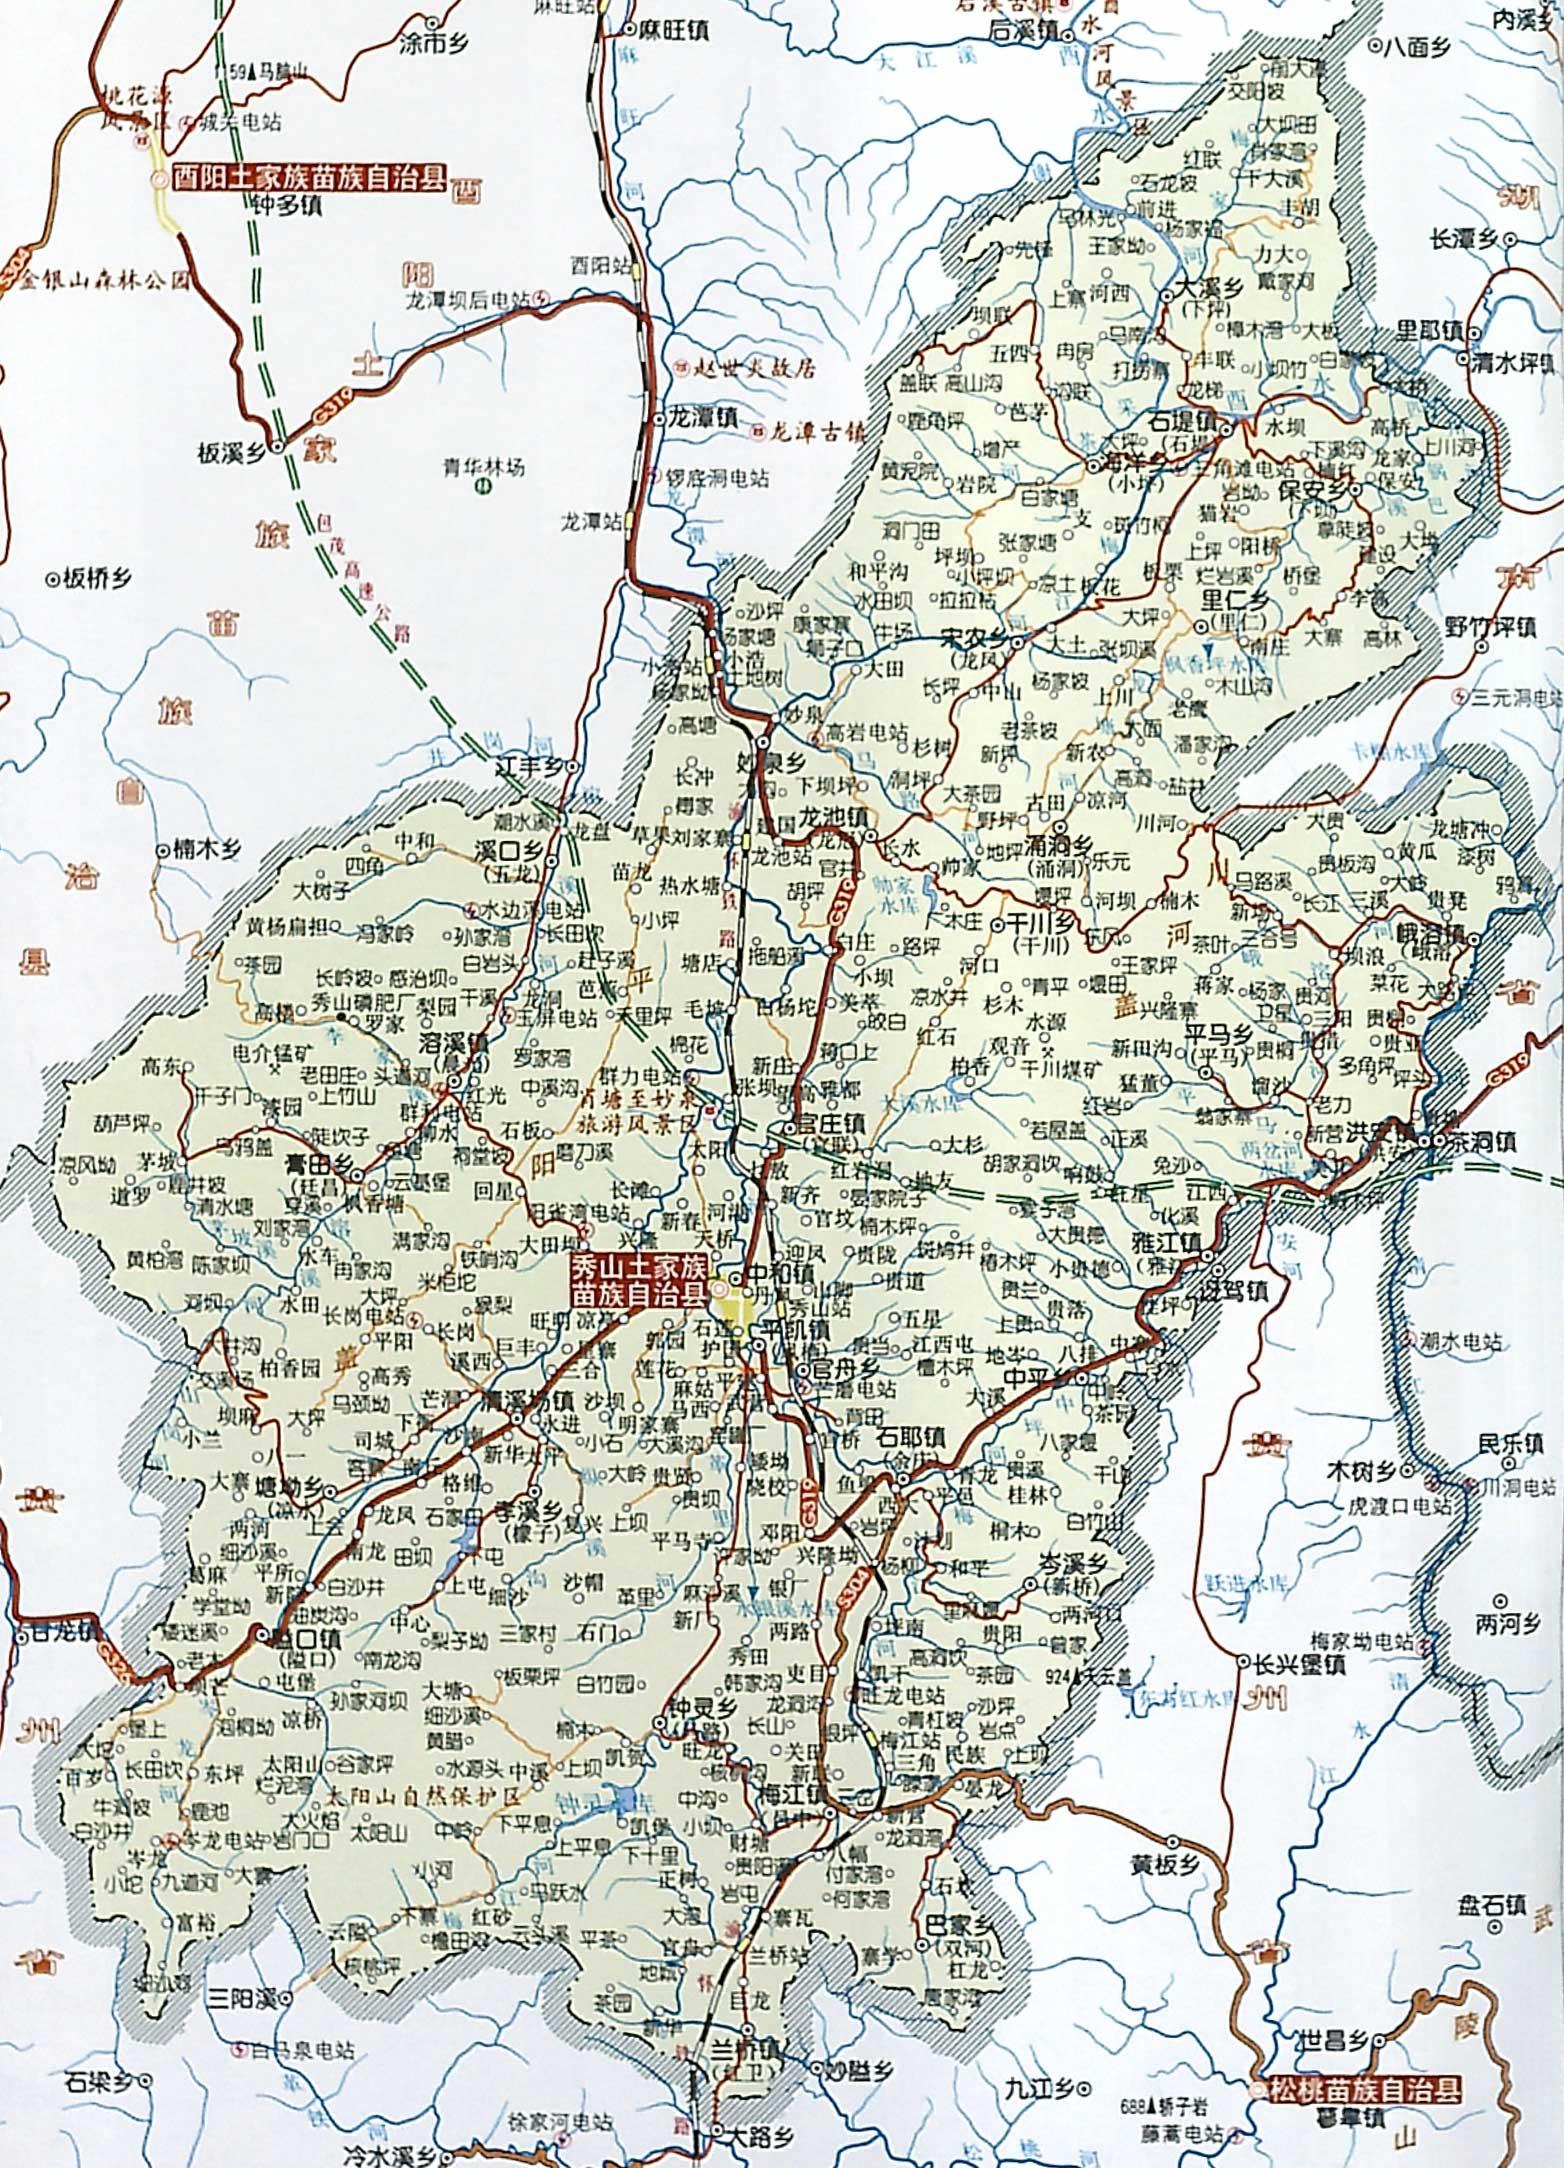 重庆到秀山地图; 湖南省花垣县地图; 秀山土家族苗族自治县;